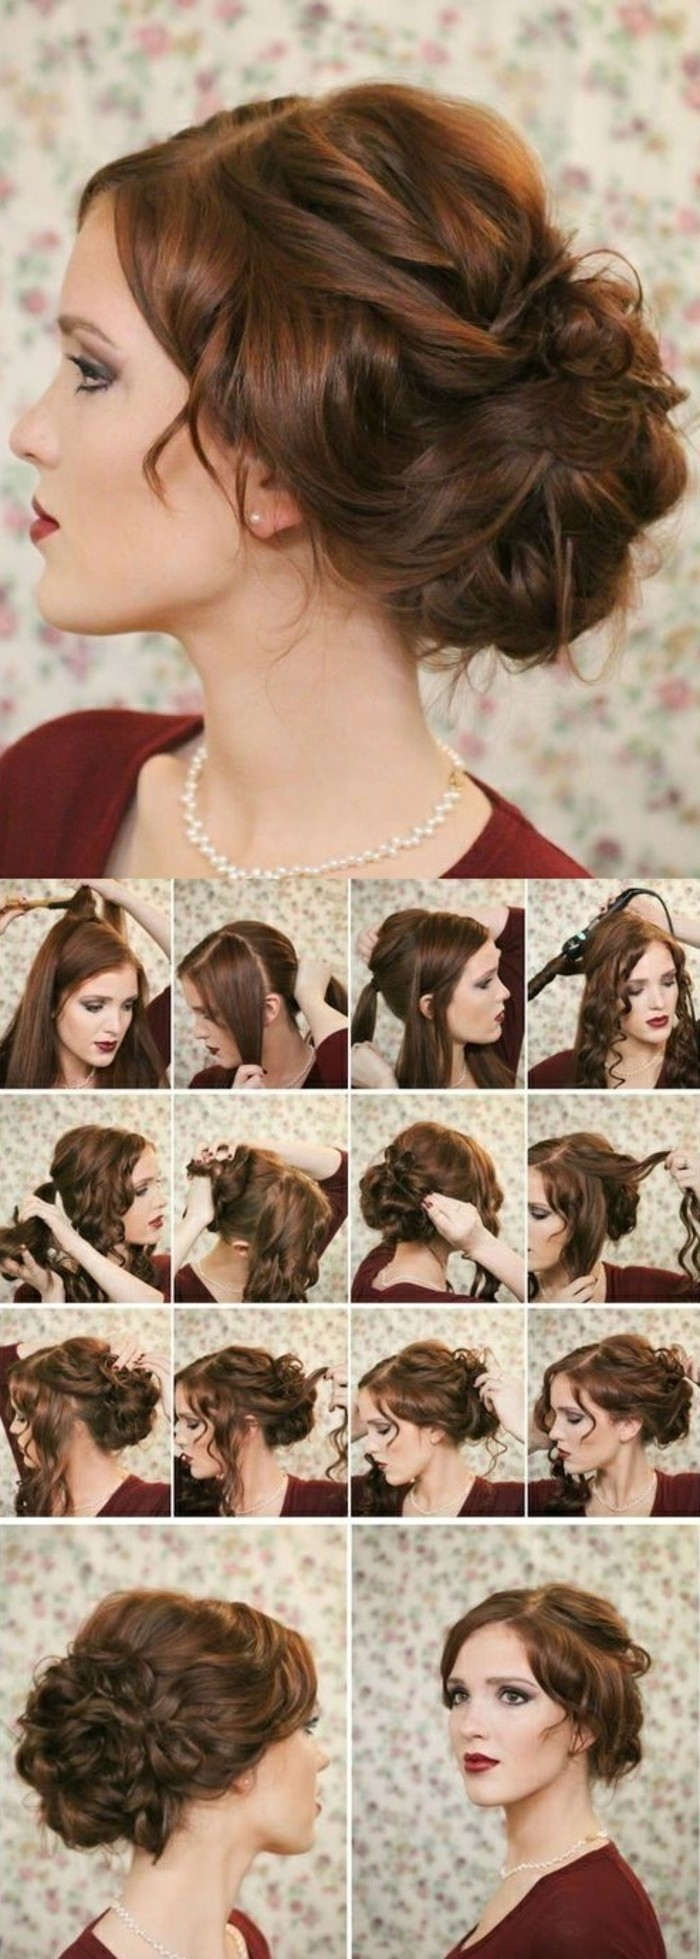 10-hochsteckfrisuren-selber-machen-dunkelbraune-haare-hochstecken-frau-rote-bluse-make-up